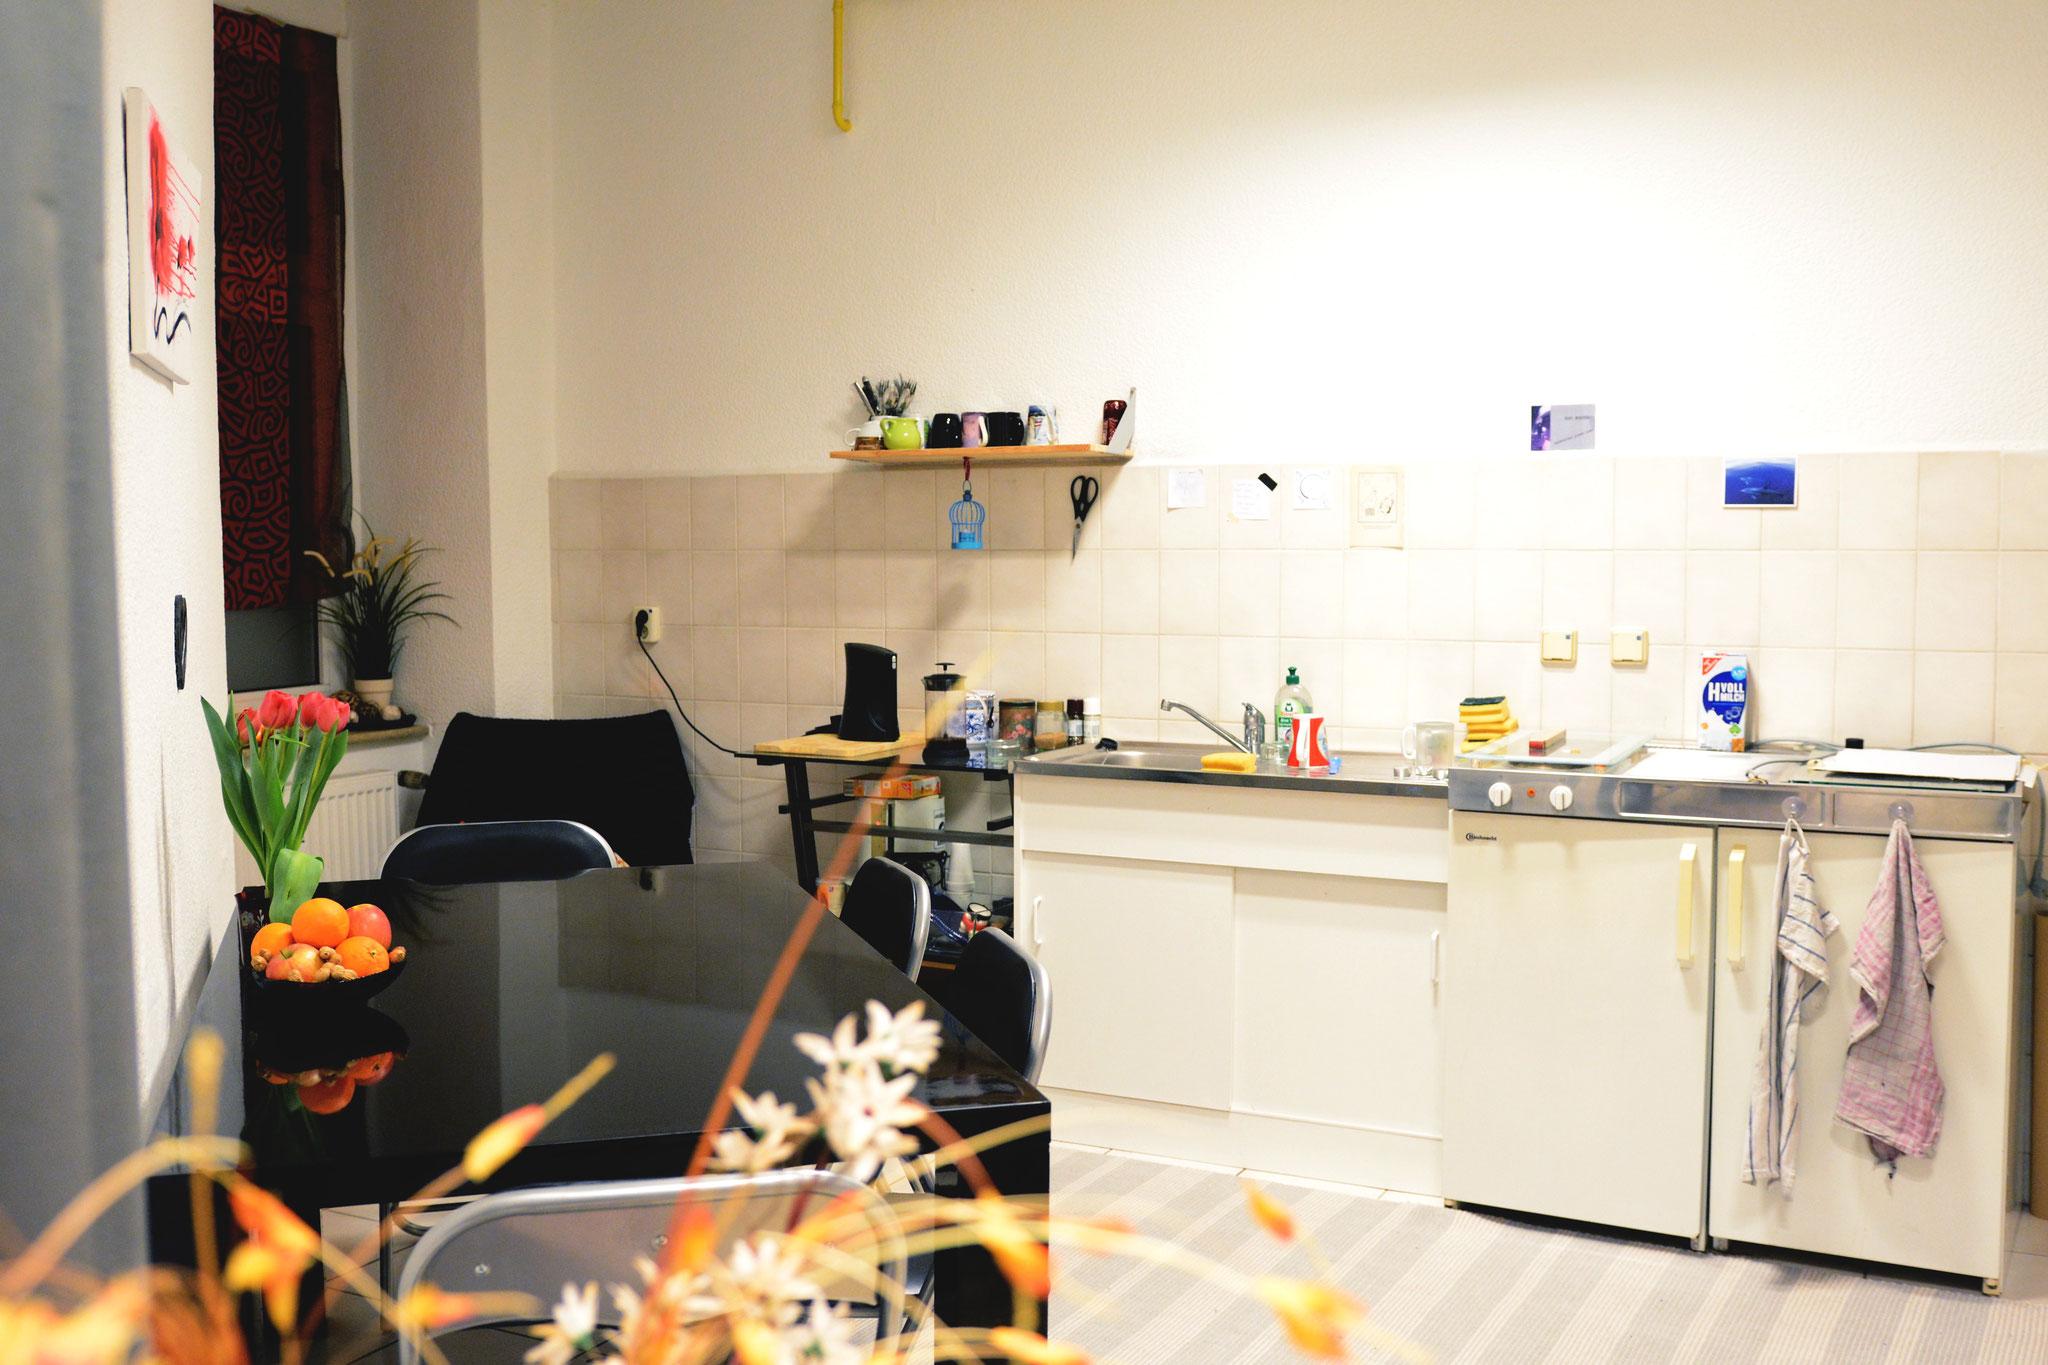 Aufenhaltsraum, (Tee)Küche, Umkleide